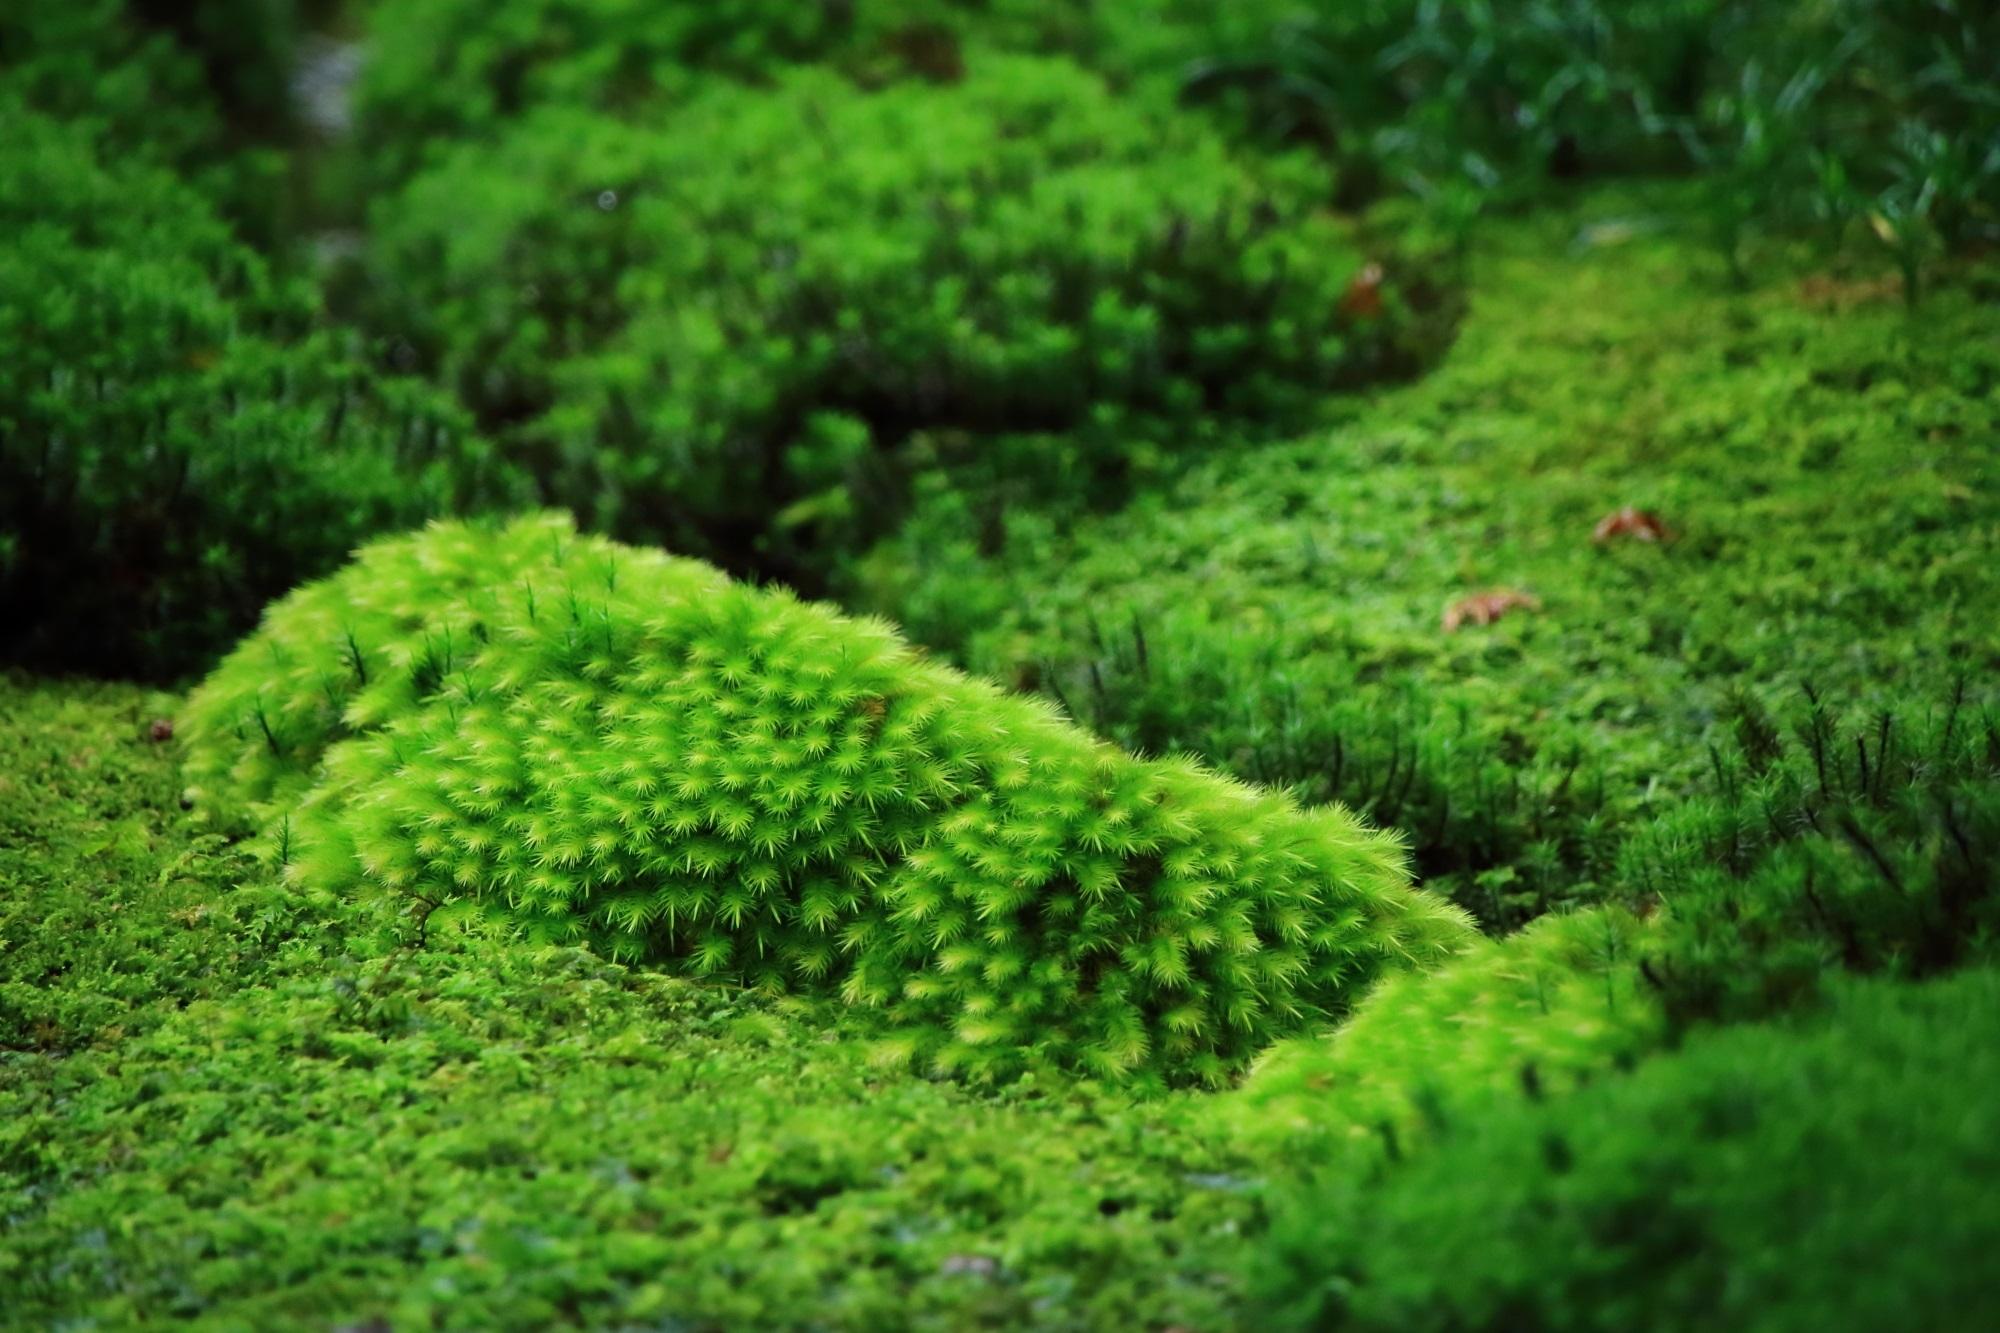 同じ緑の苔でも色や種類はかなり異なる苔